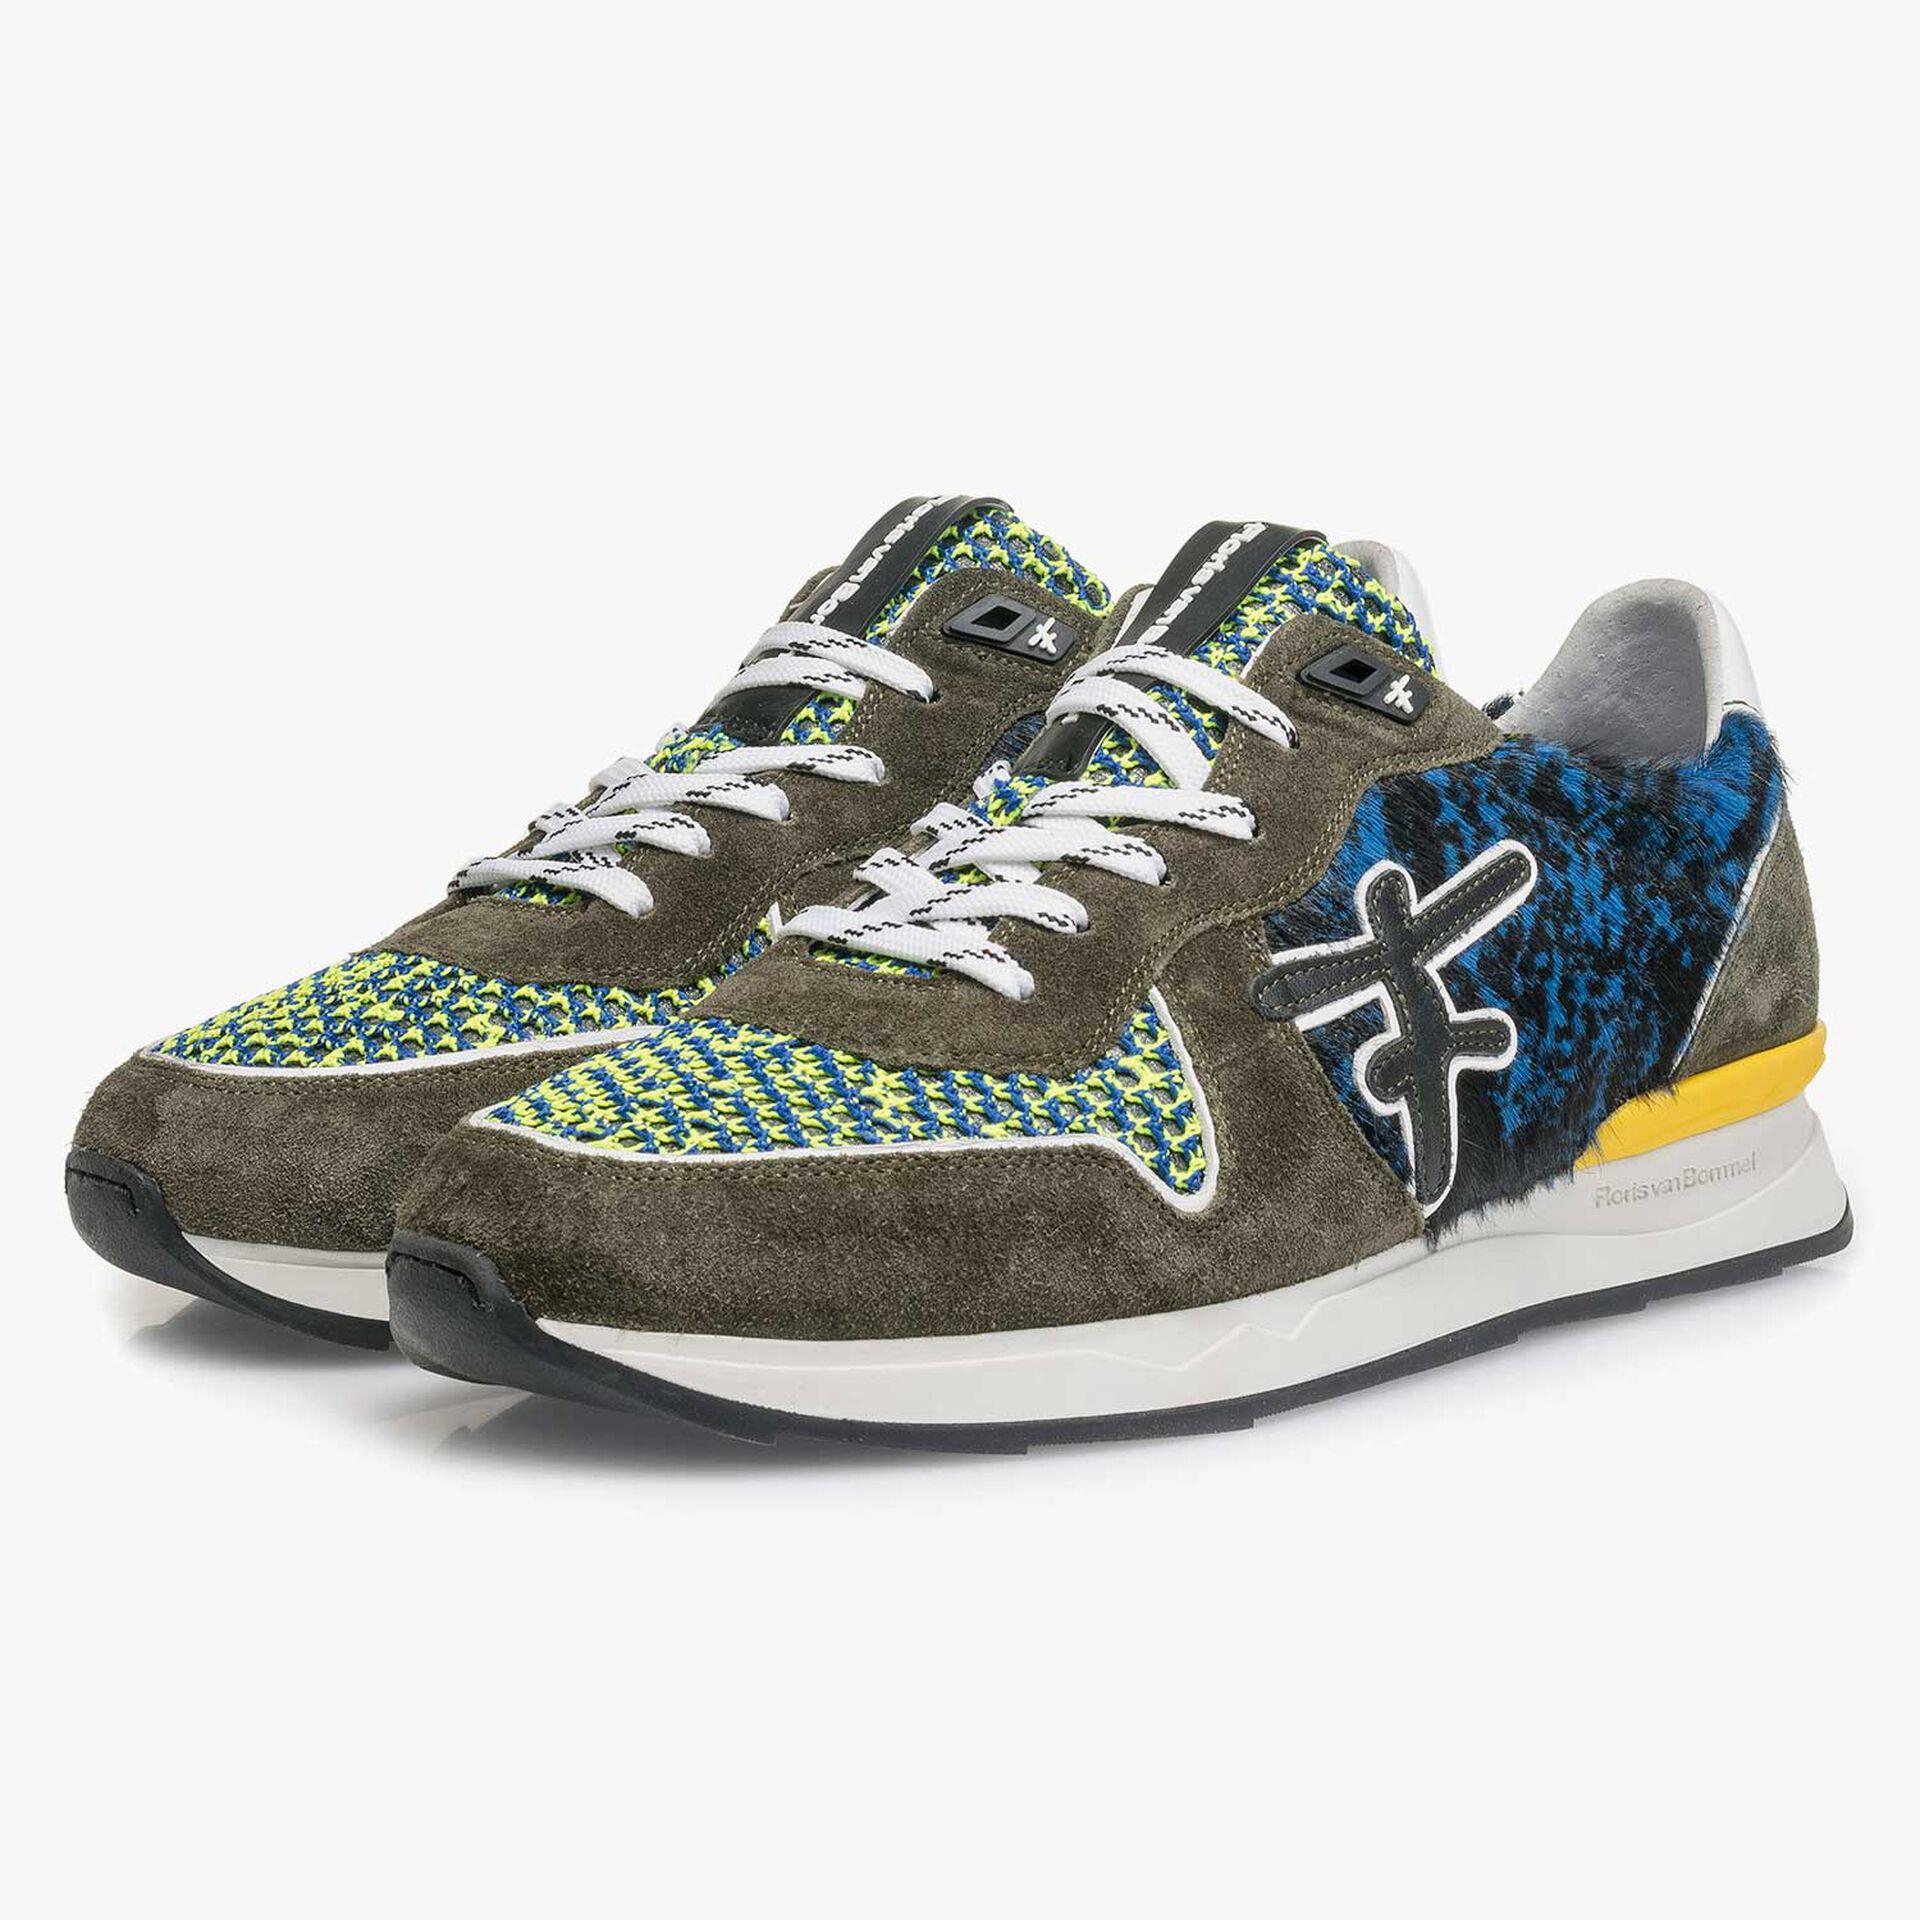 Premium groene suède sneaker met gekleurde accenten